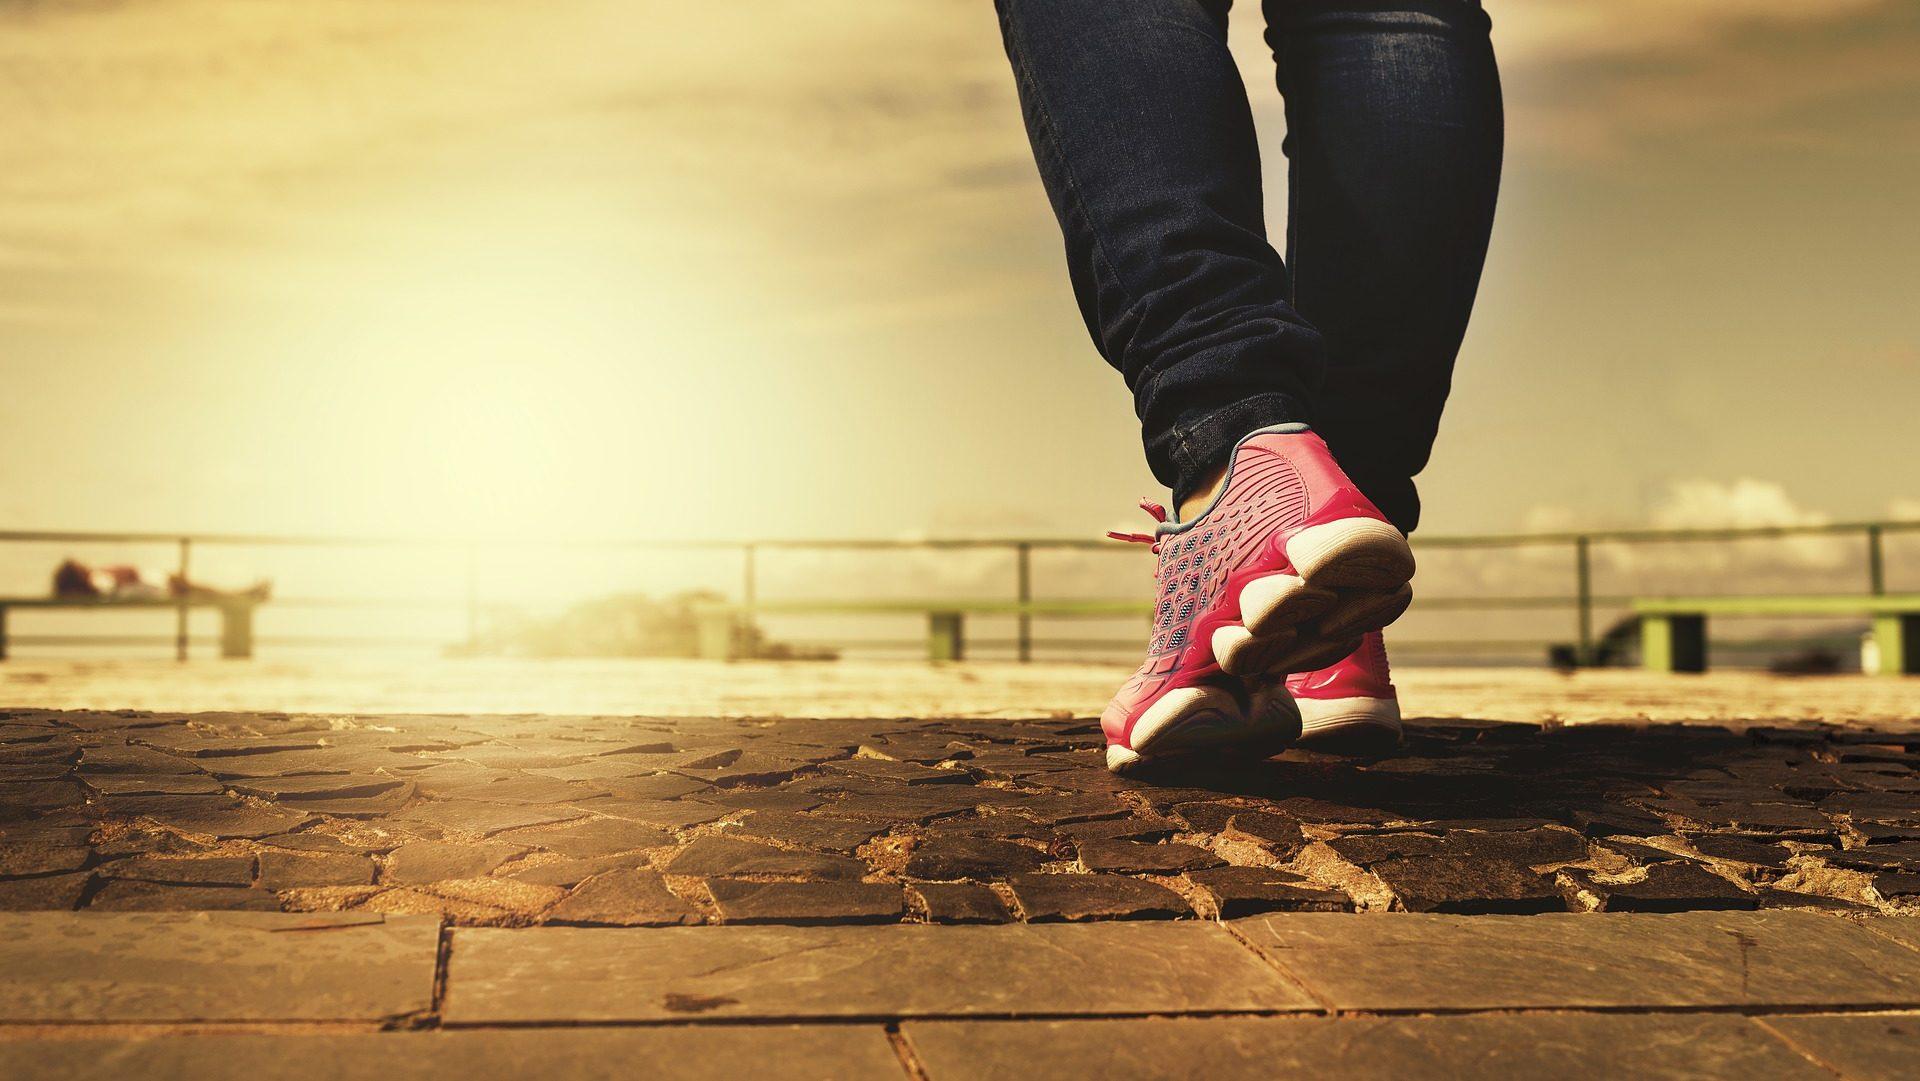 Cilj vam je 10 tisuća koraka dnevno? Evo koliko ćete kalorija izgubiti i možete li smršavjeti